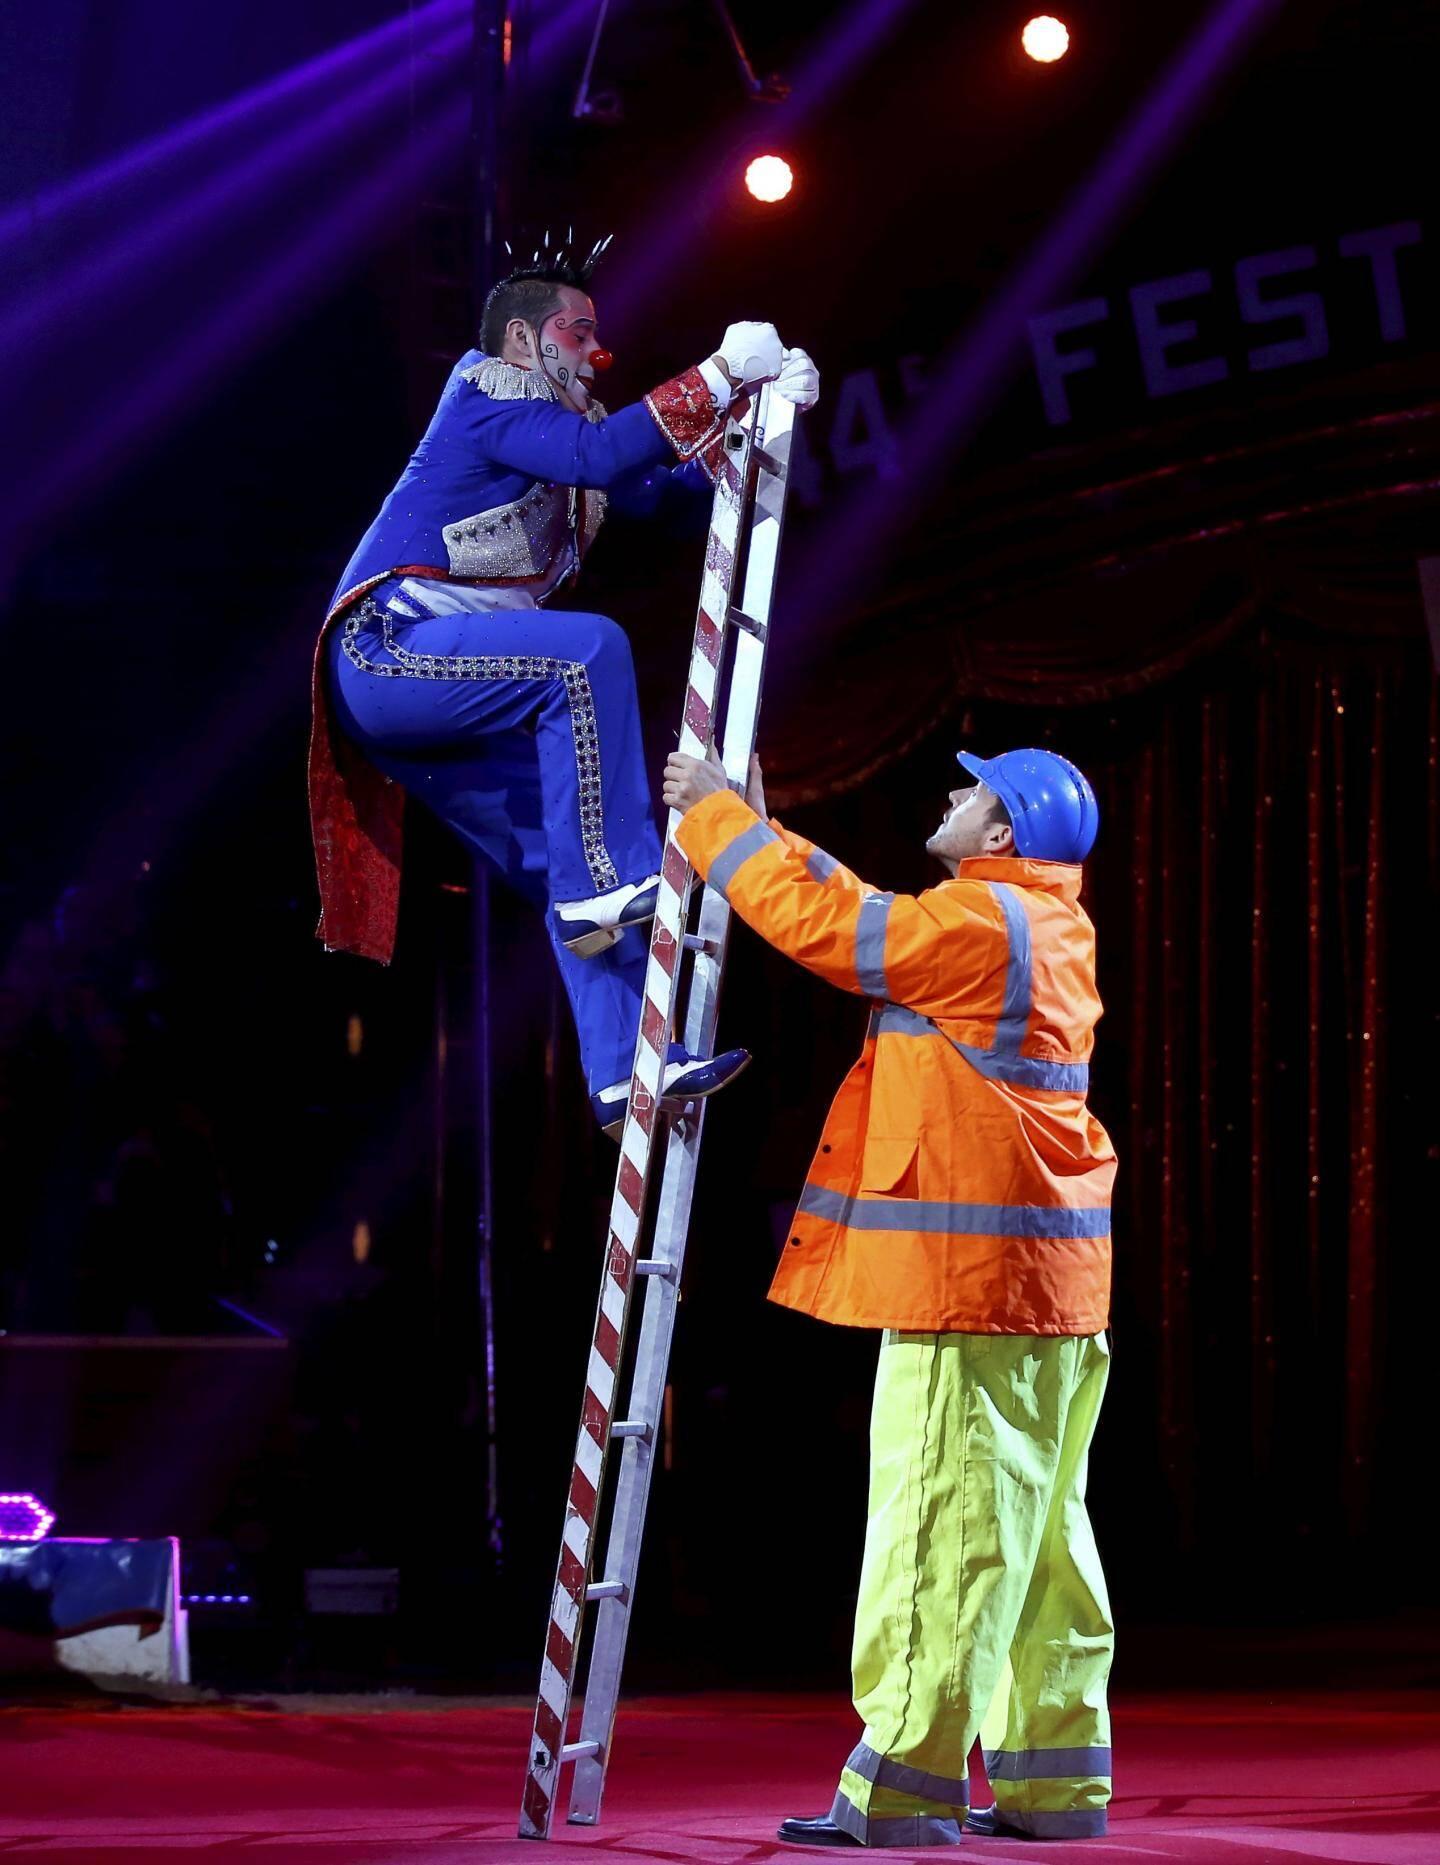 Il a mérité son Clown d'argent, le Vénézuélien Henry Ayala, pour avoir bien fait rire le chapiteau, et même les spectateurs choisis dans le public pour l'accompagner sur la piste dans ses numéros loufoques. Avec ses comparses, il a aussi montré qu'il était un funambule hors pair tutoyant le sommet du chapiteau avec grâce.